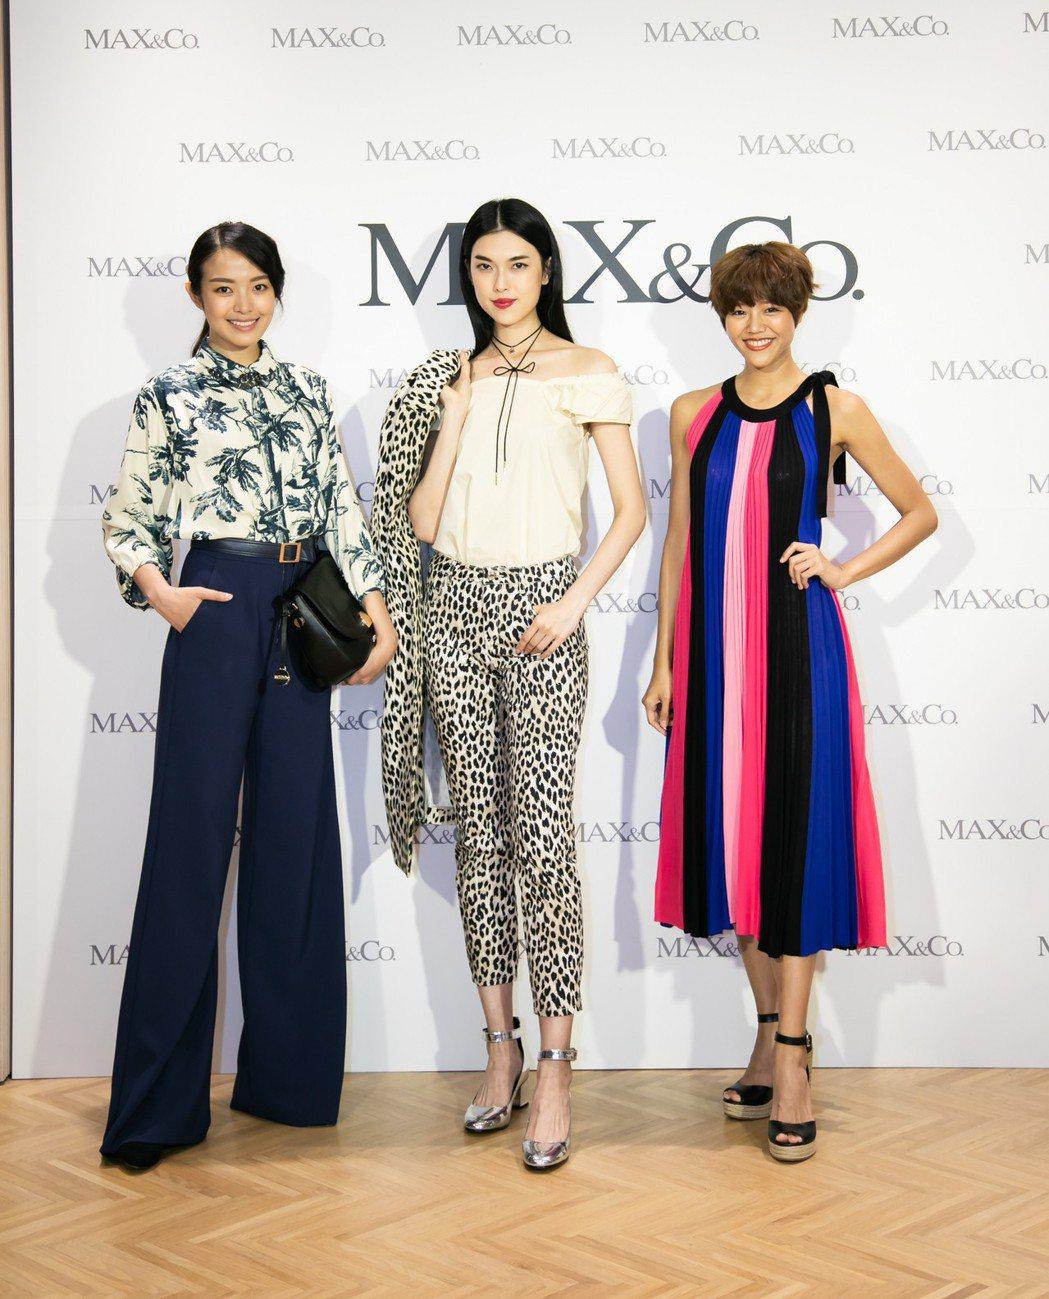 伊林名模王思偉、李培毓等詮釋品牌最新春夏單品。圖/MAX&Co.提供